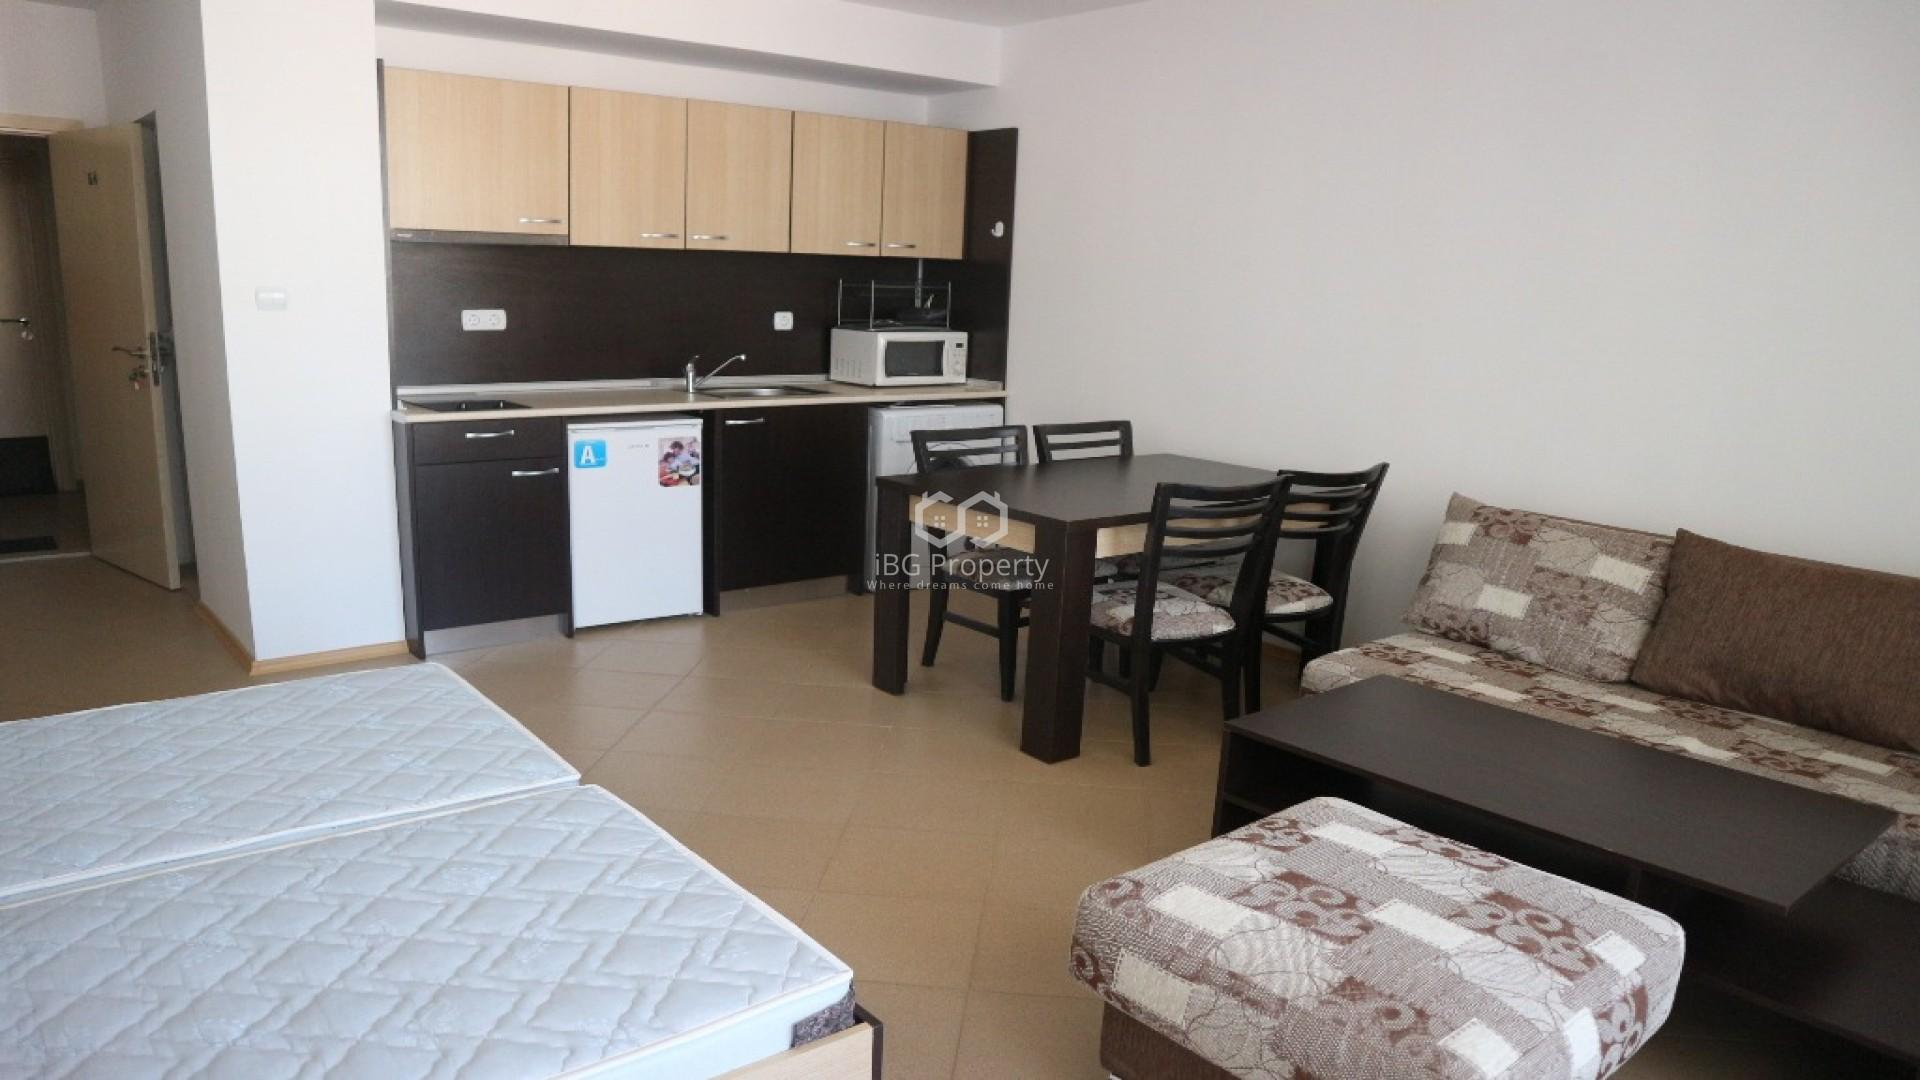 Einzimmerwohnung in Sonnenstrand 51 m2